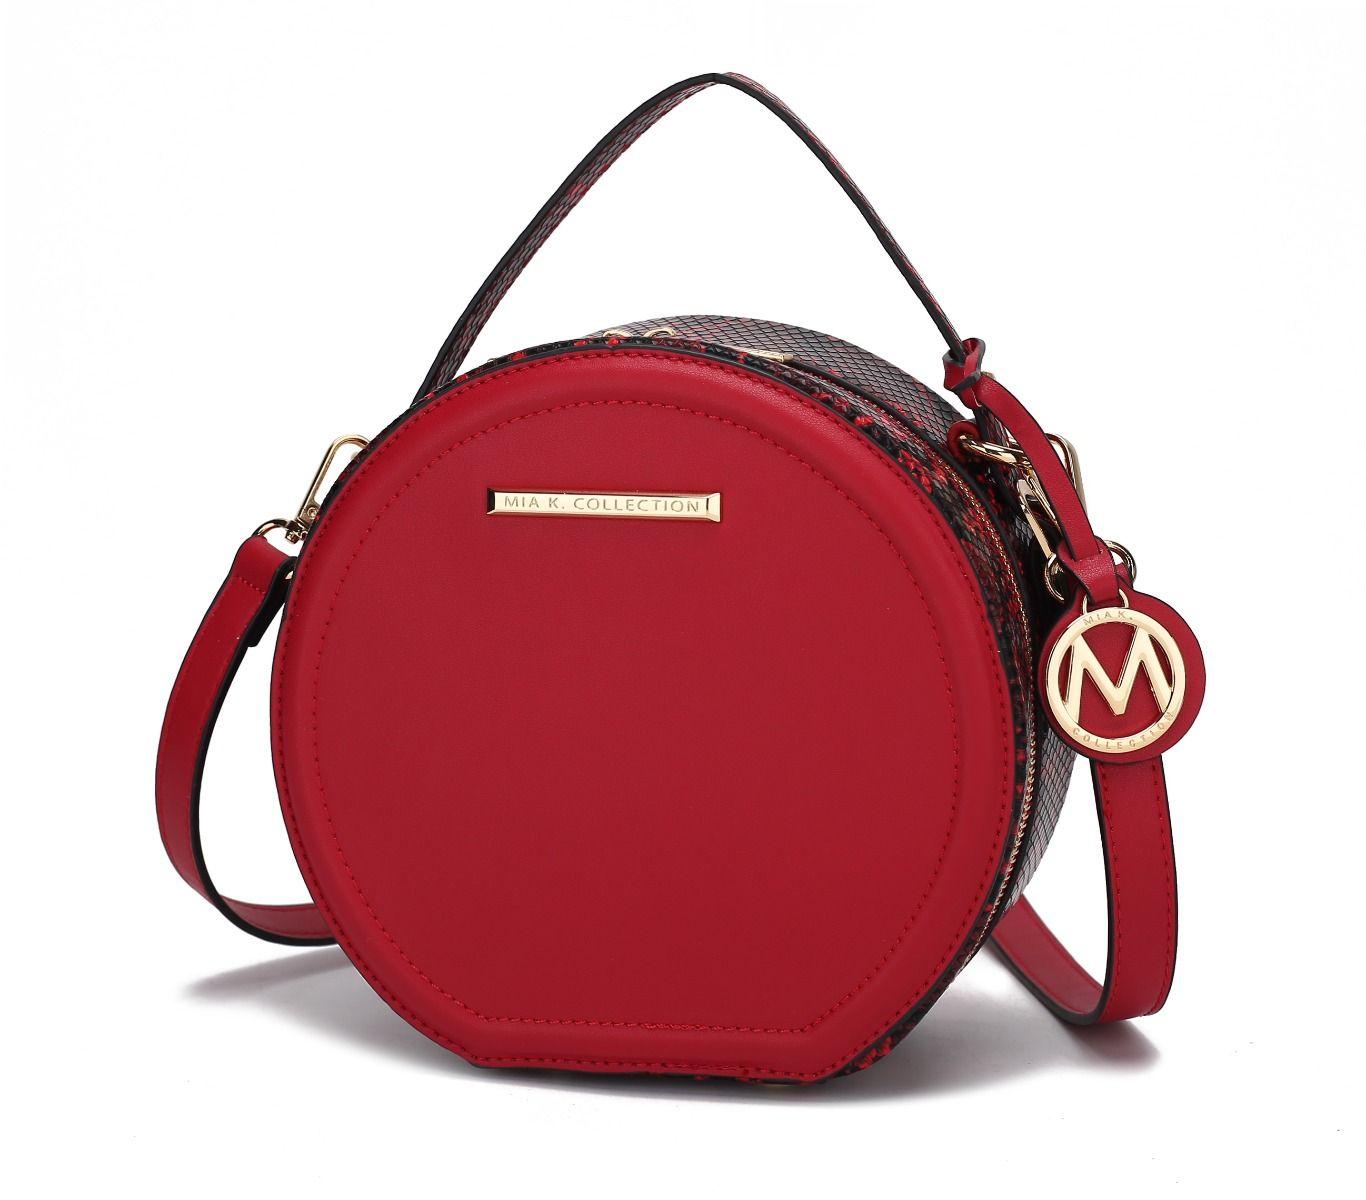 Shop Women Fashion Bags + Free Shipping